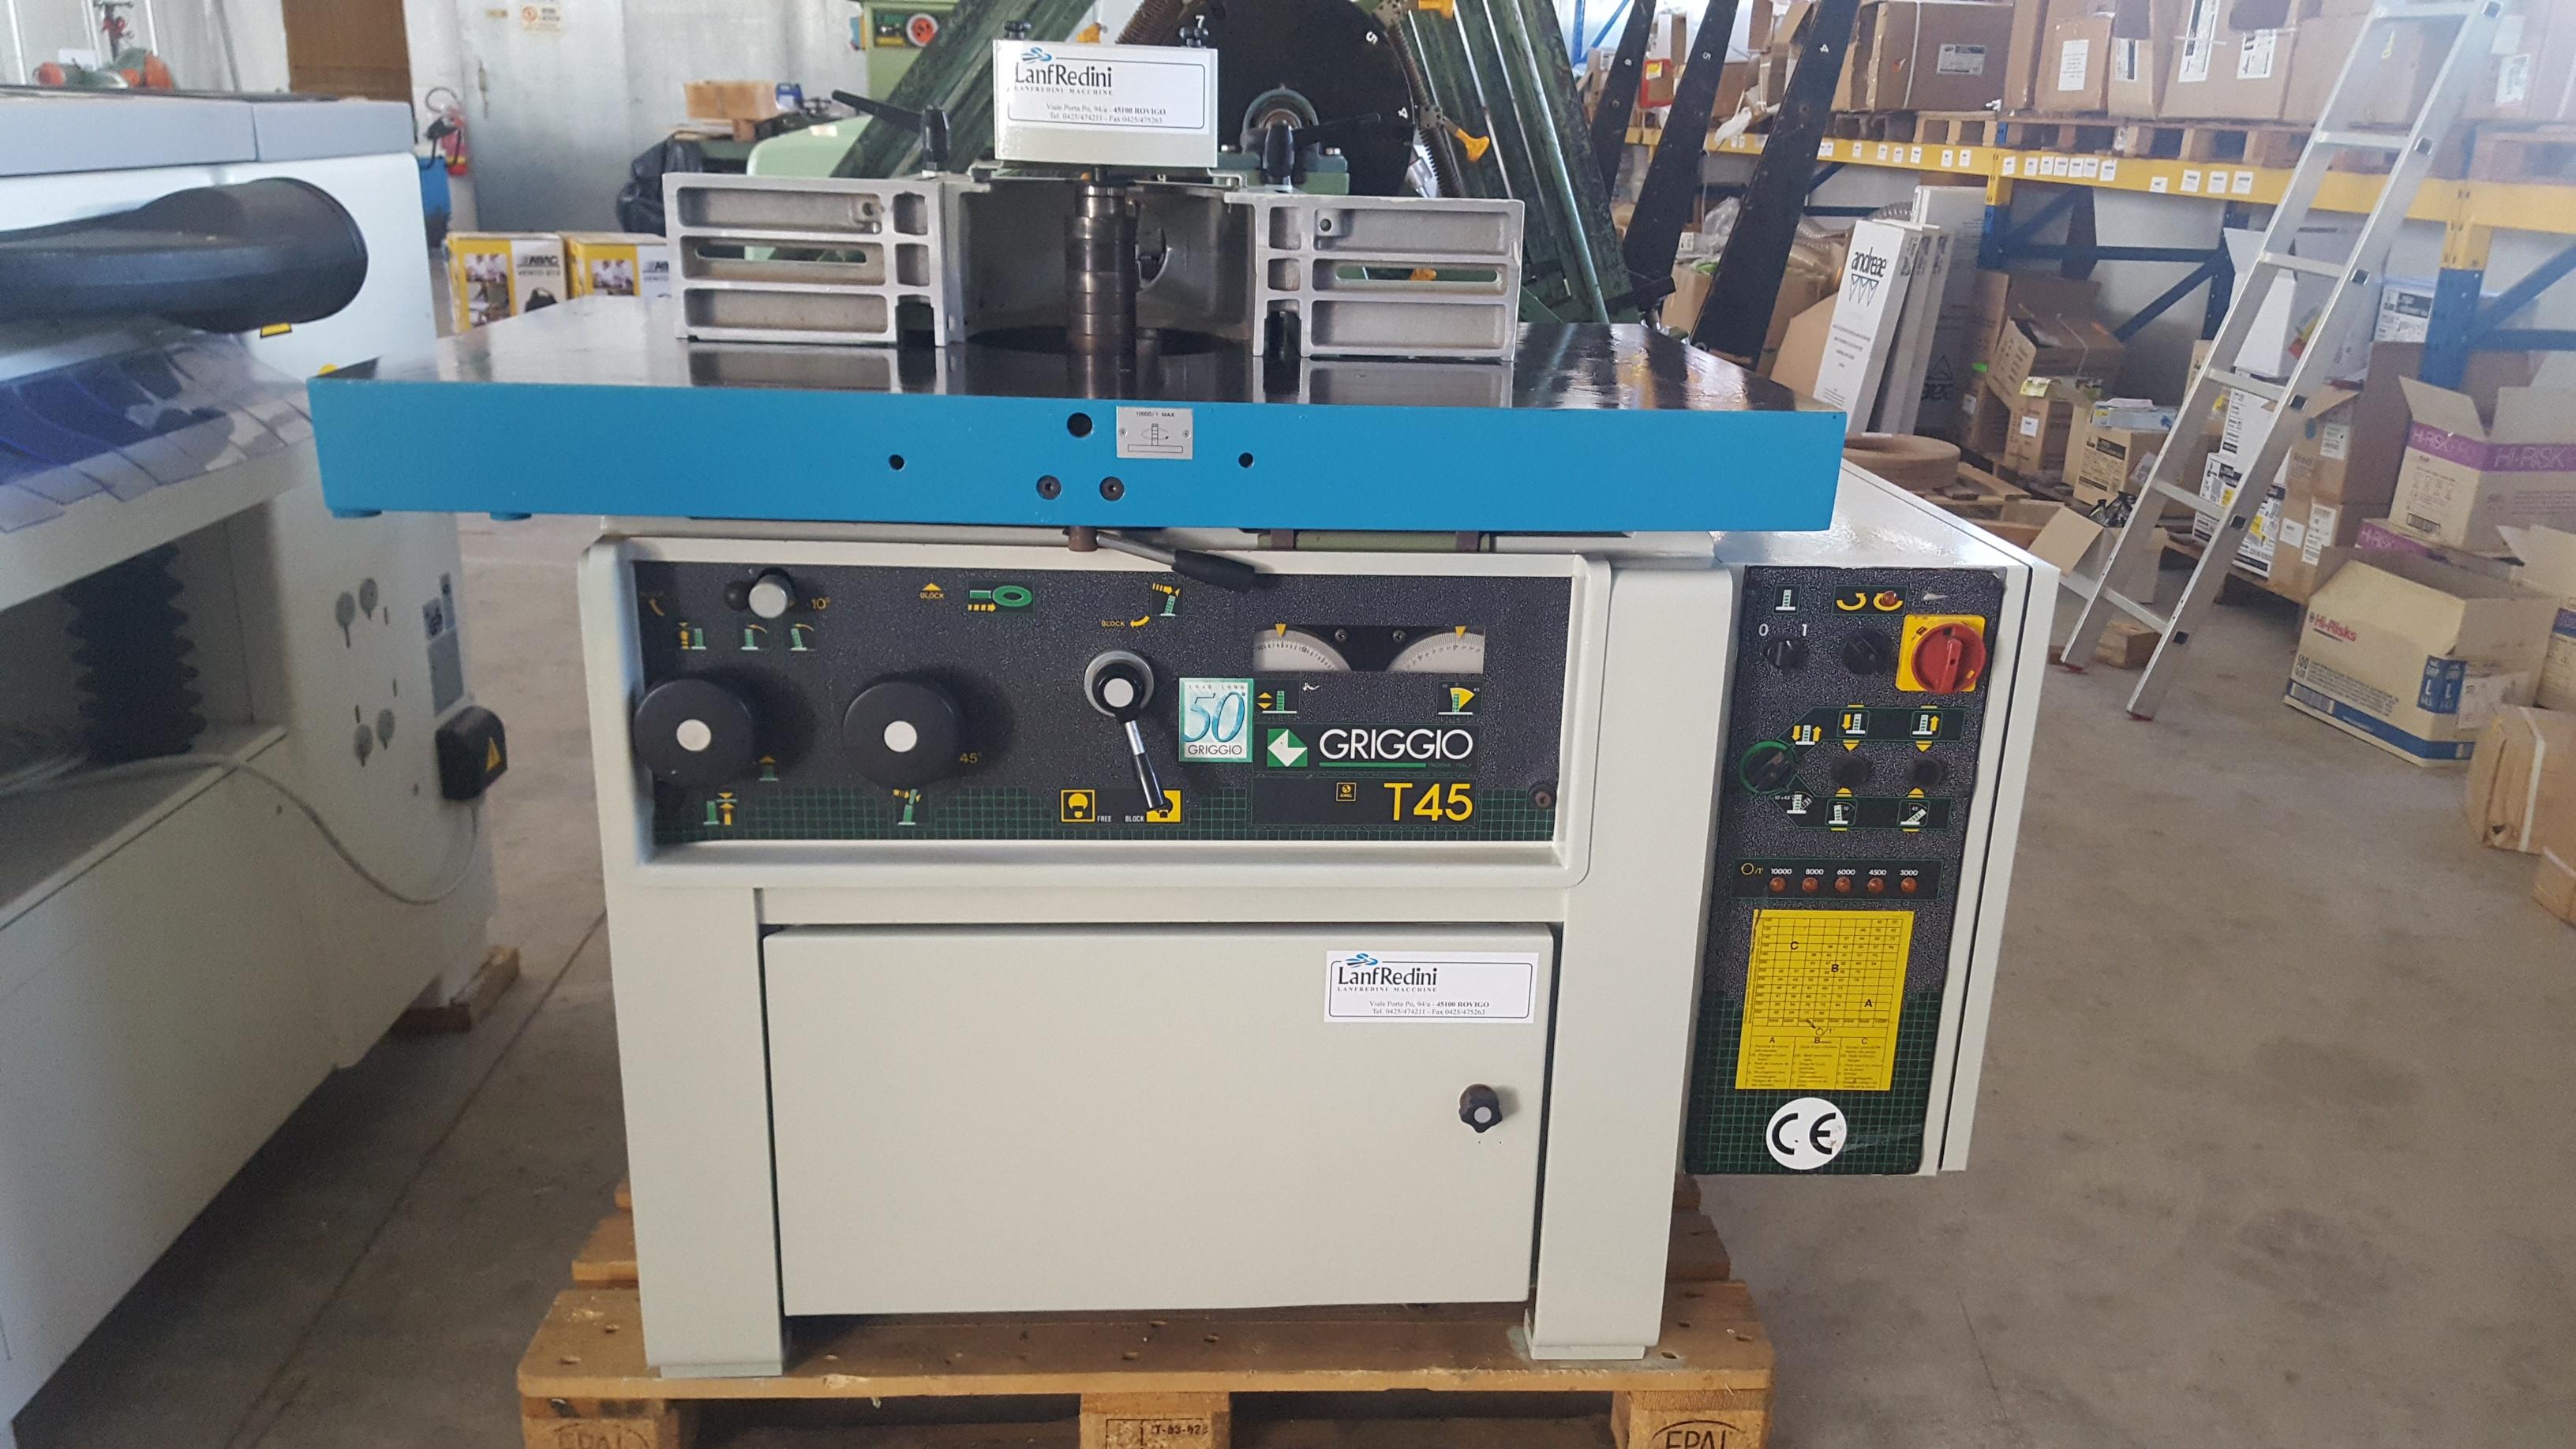 Macchine Per Lavorare Il Legno : Macchine per la lavorazione del legno plastica e alluminio lanfredini